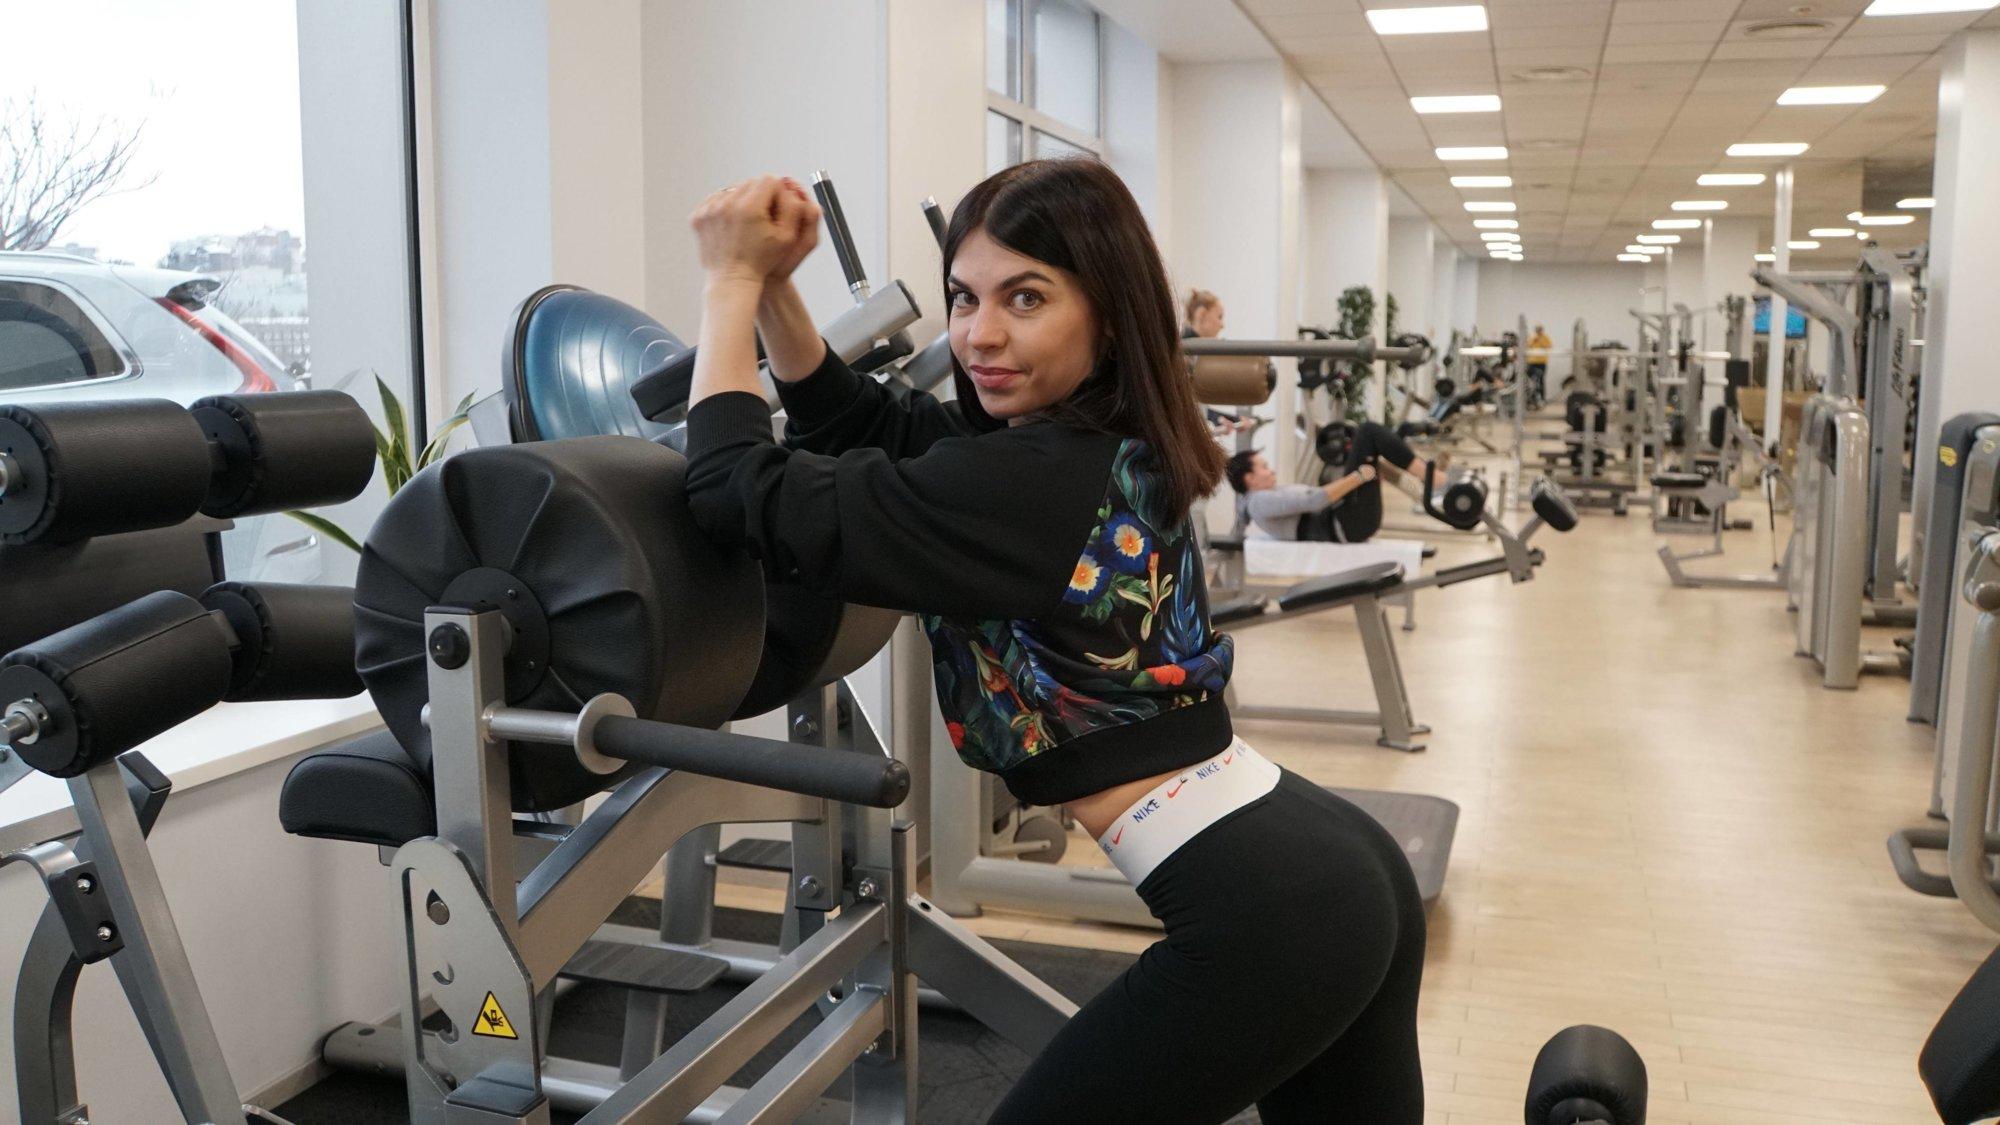 Как правильно качать ягодицы и спину: показывает фитнес-тренер